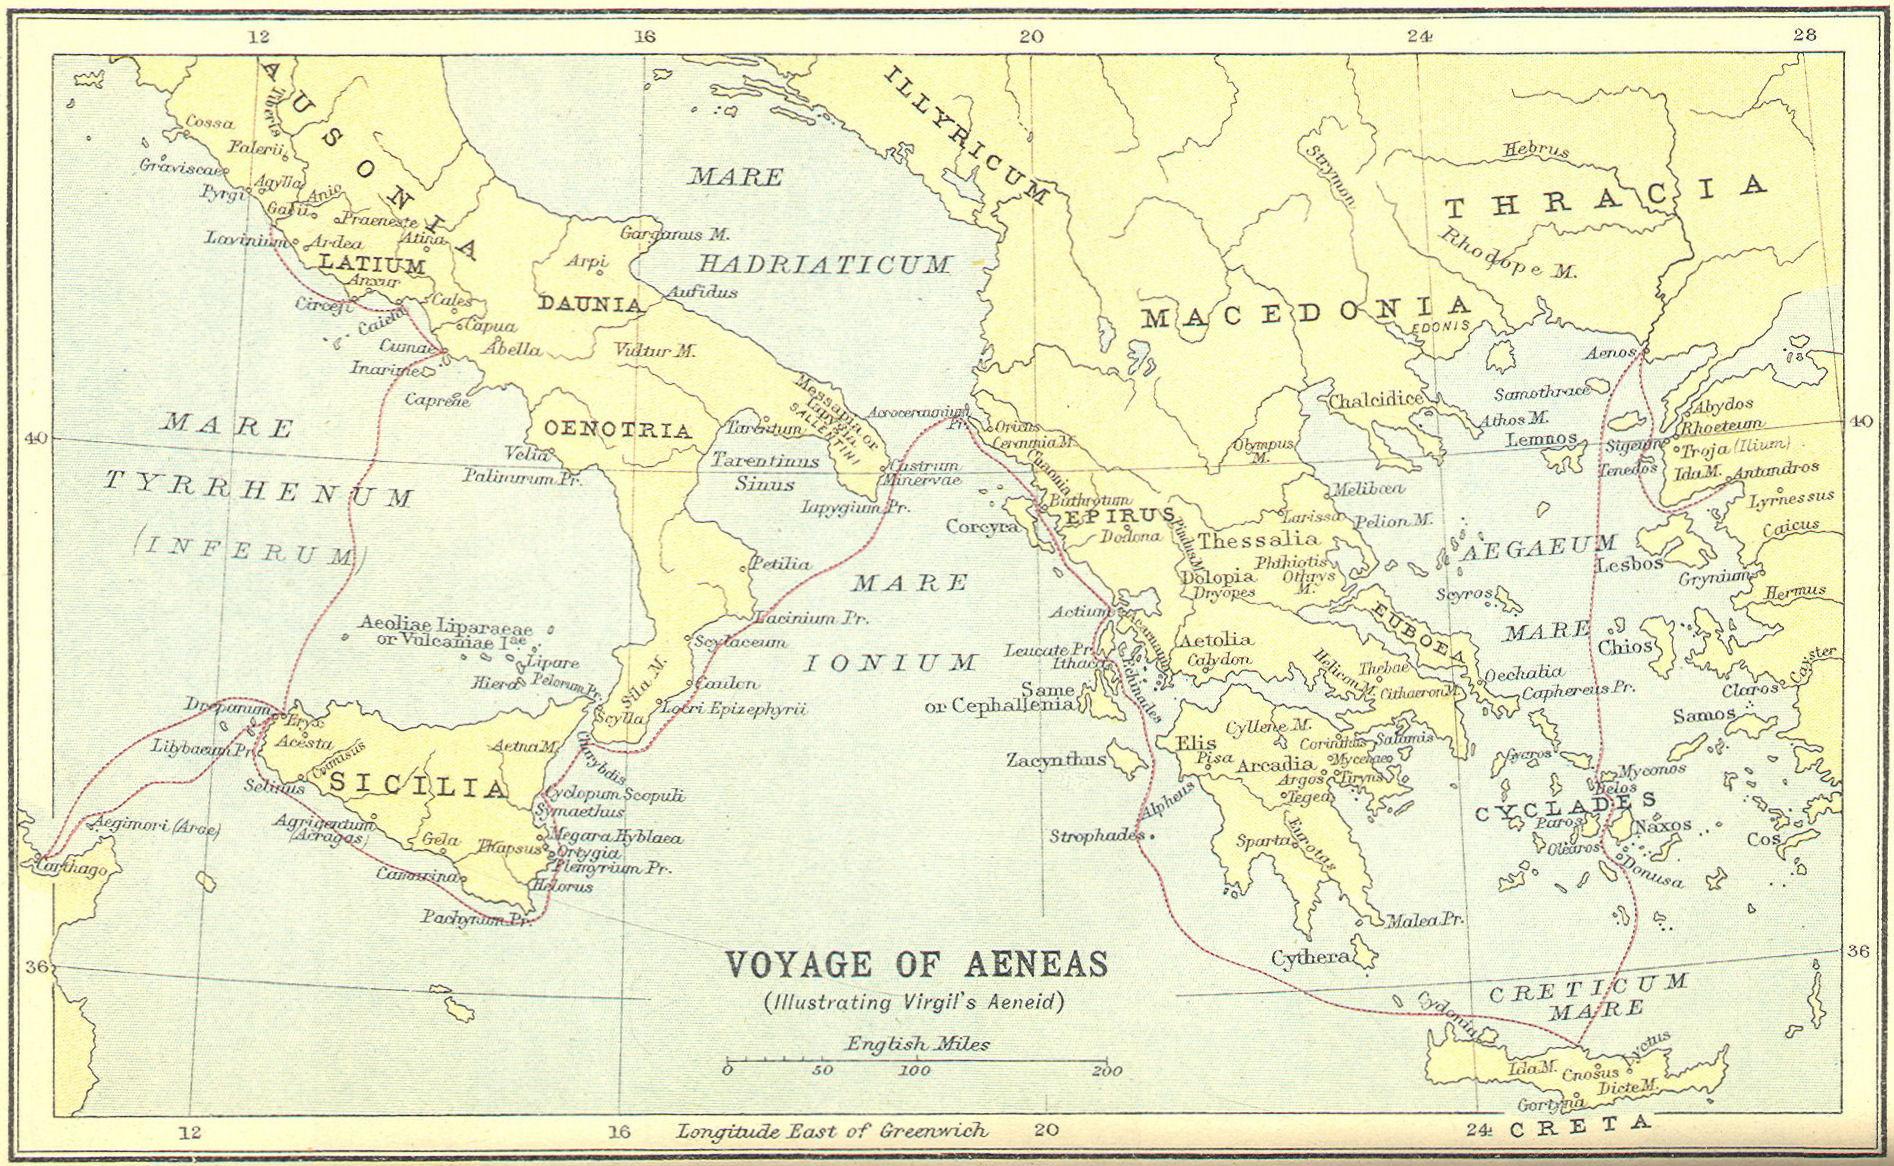 Voyage of Aeneas, Illustrating Virgil's Aeneid